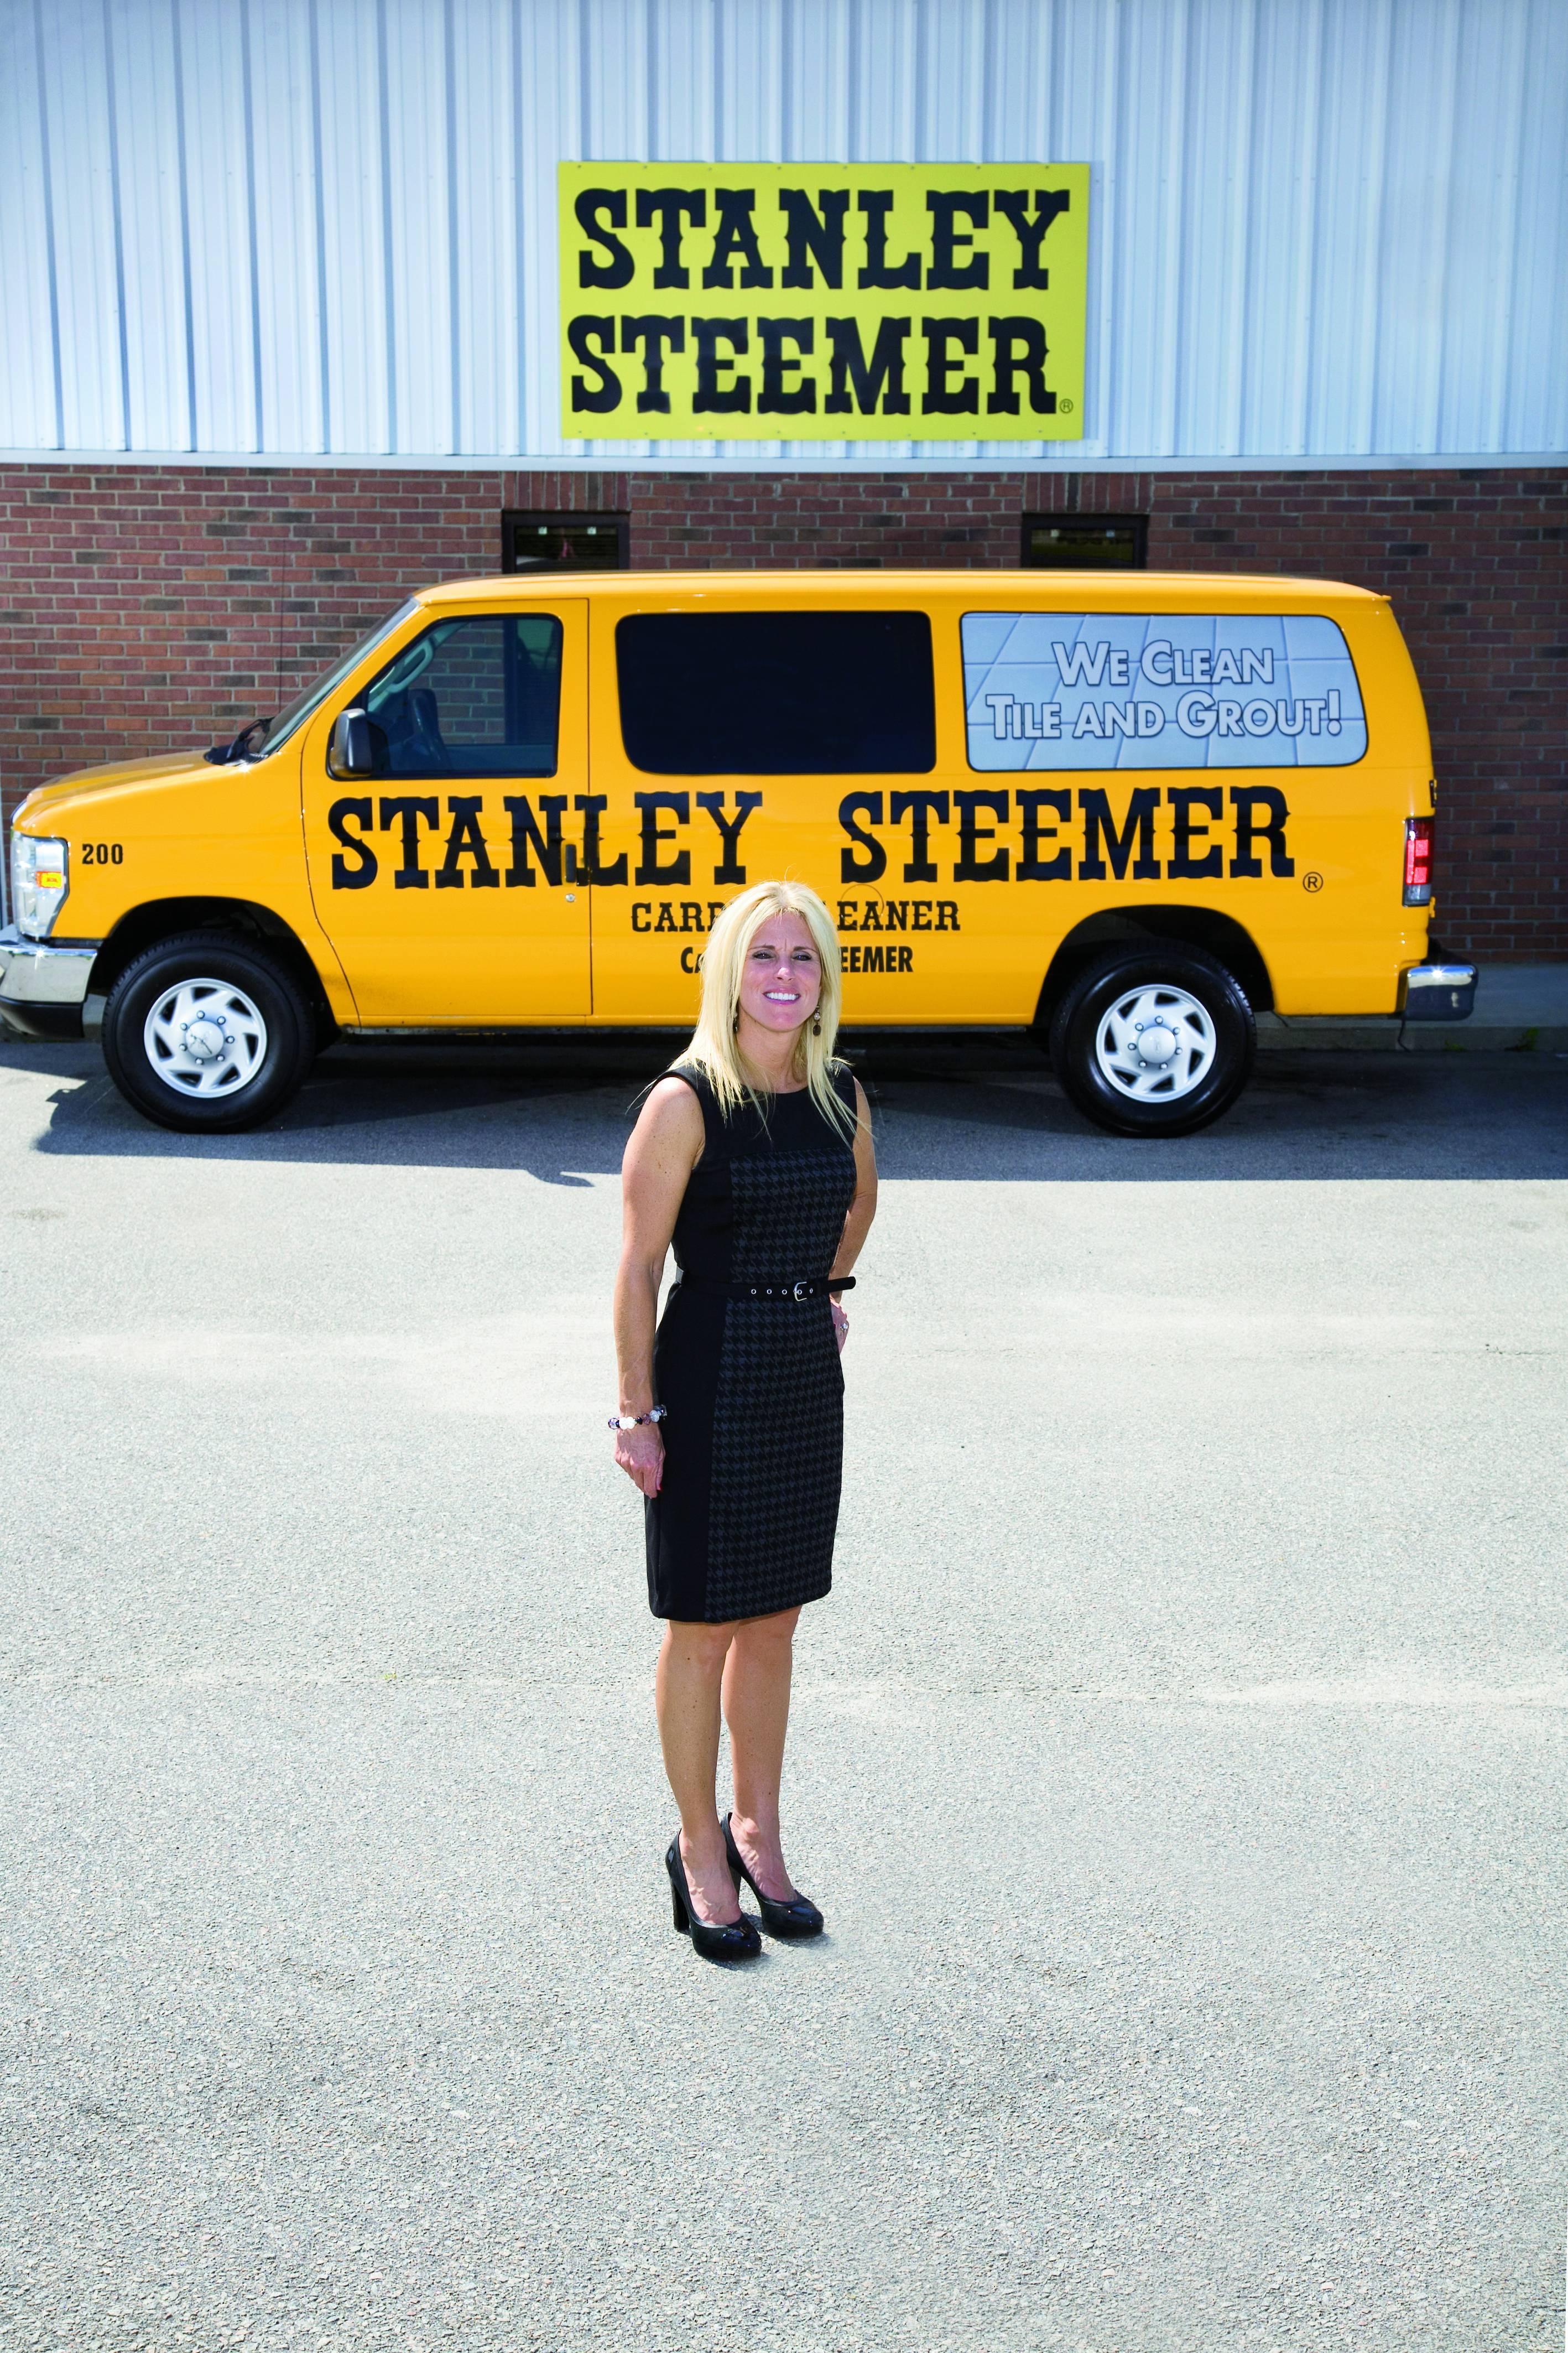 StanleySteemercopy